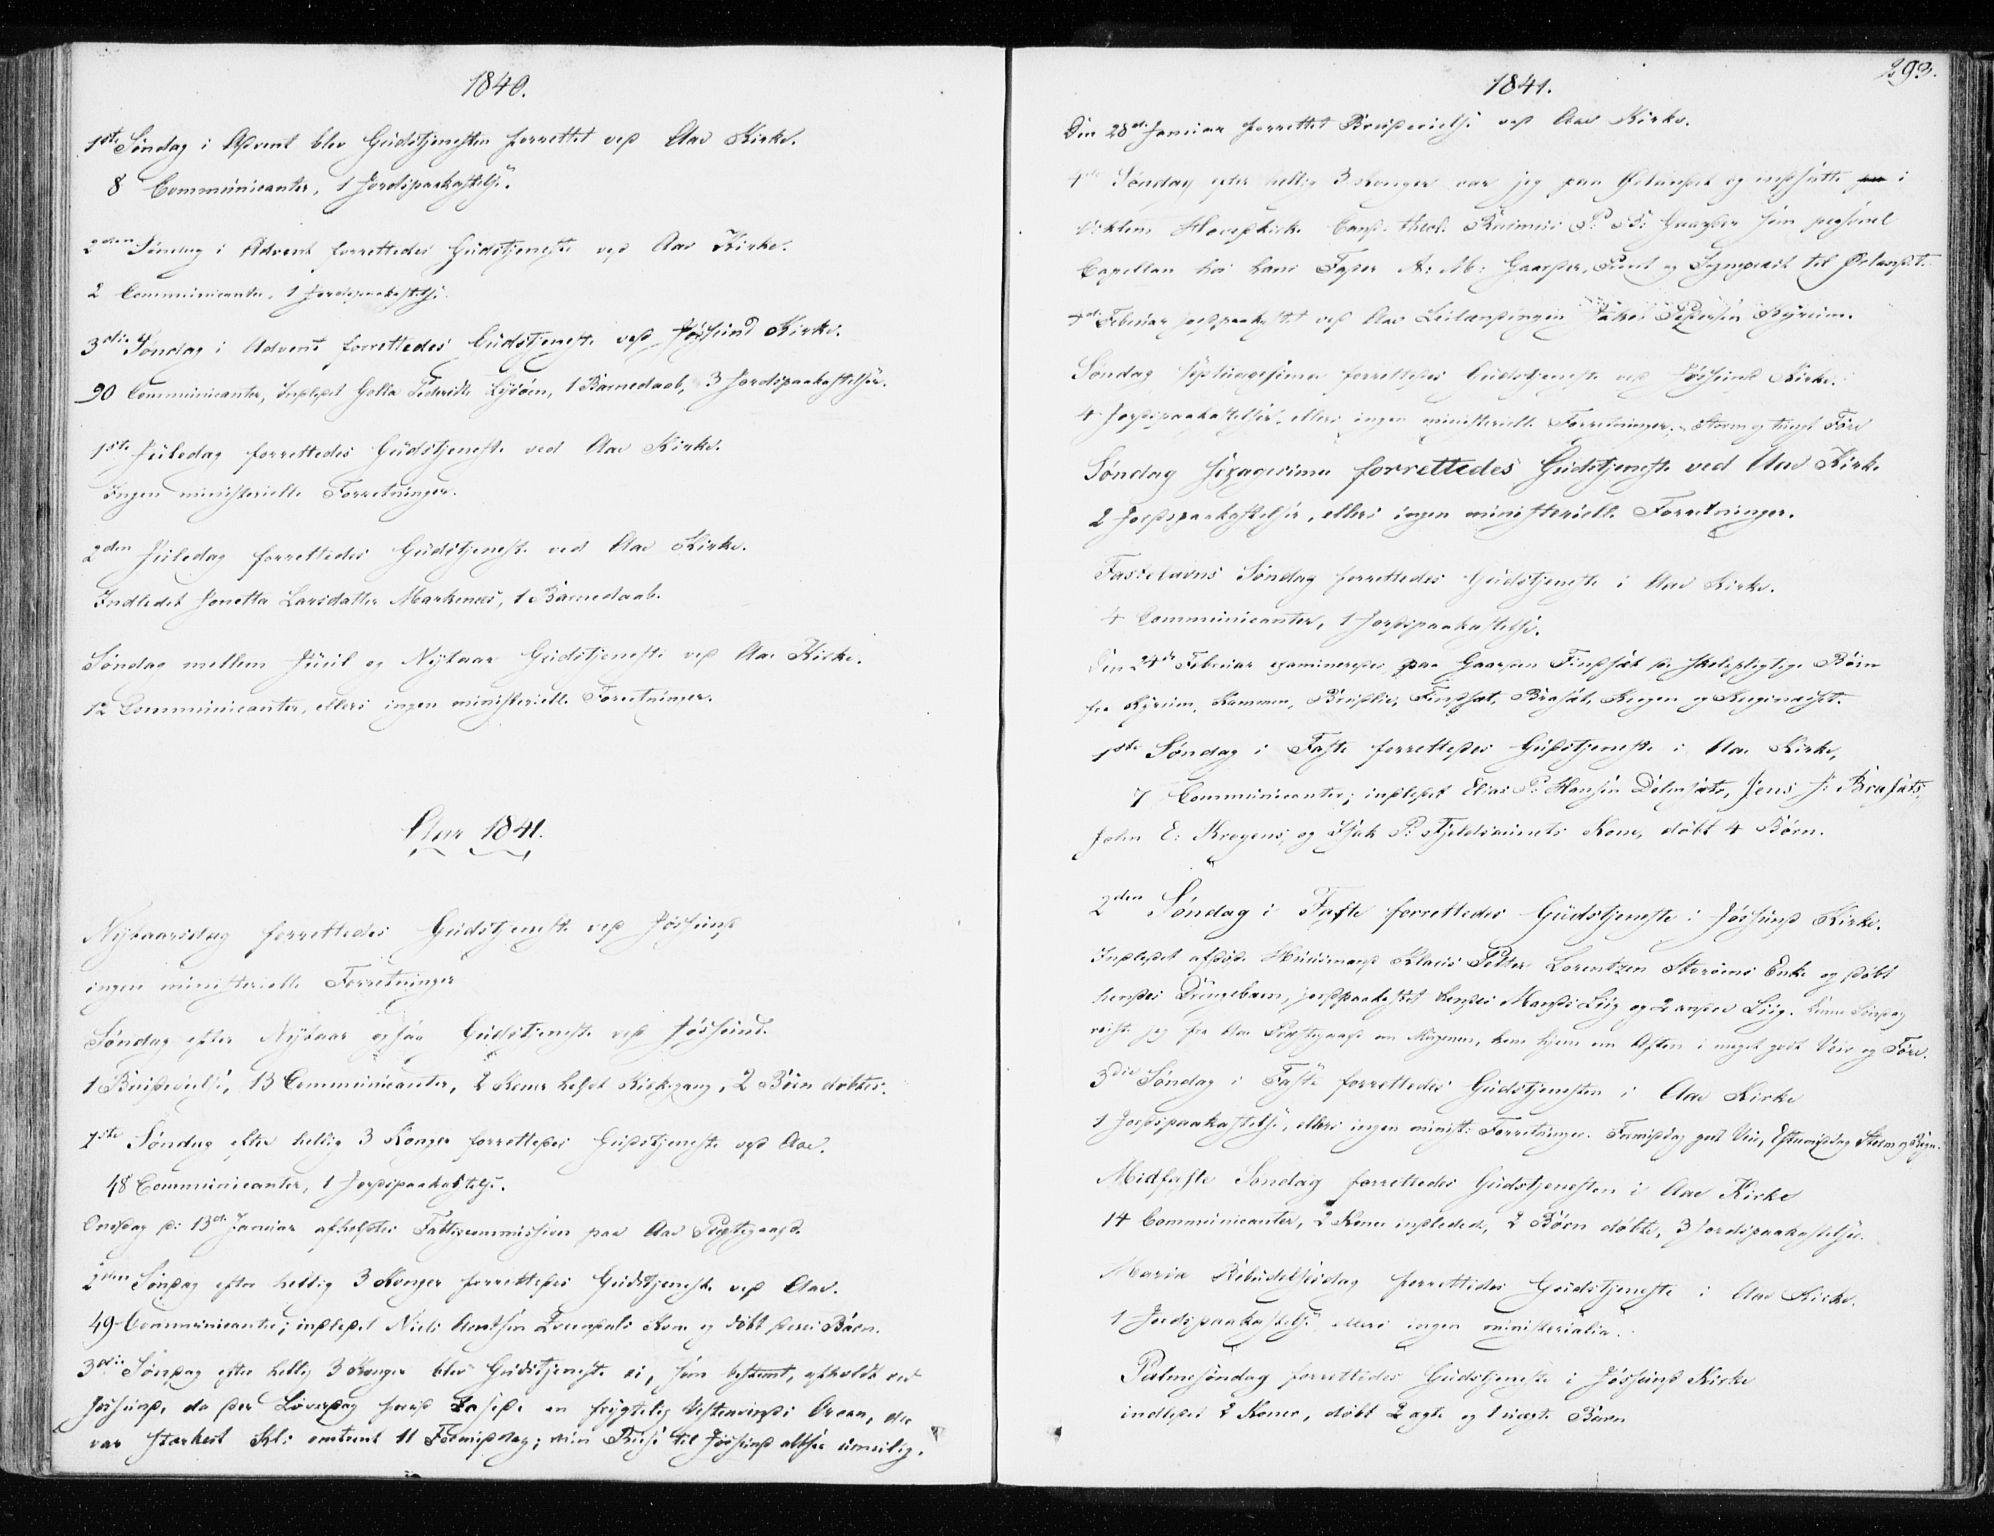 SAT, Ministerialprotokoller, klokkerbøker og fødselsregistre - Sør-Trøndelag, 655/L0676: Ministerialbok nr. 655A05, 1830-1847, s. 293